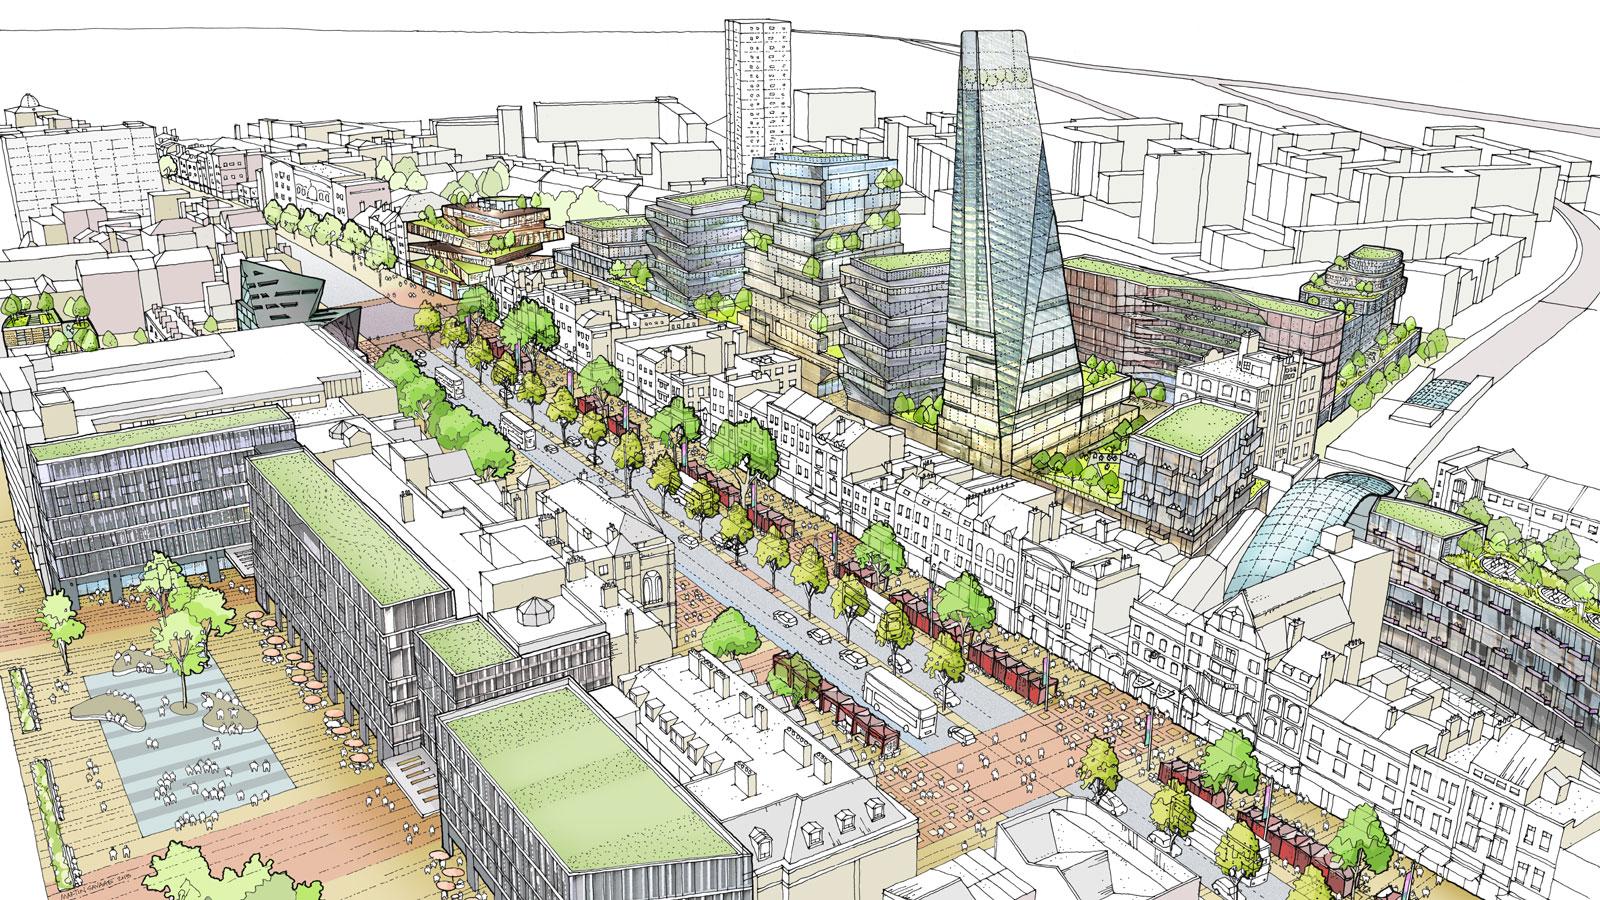 Design Proposal Plan